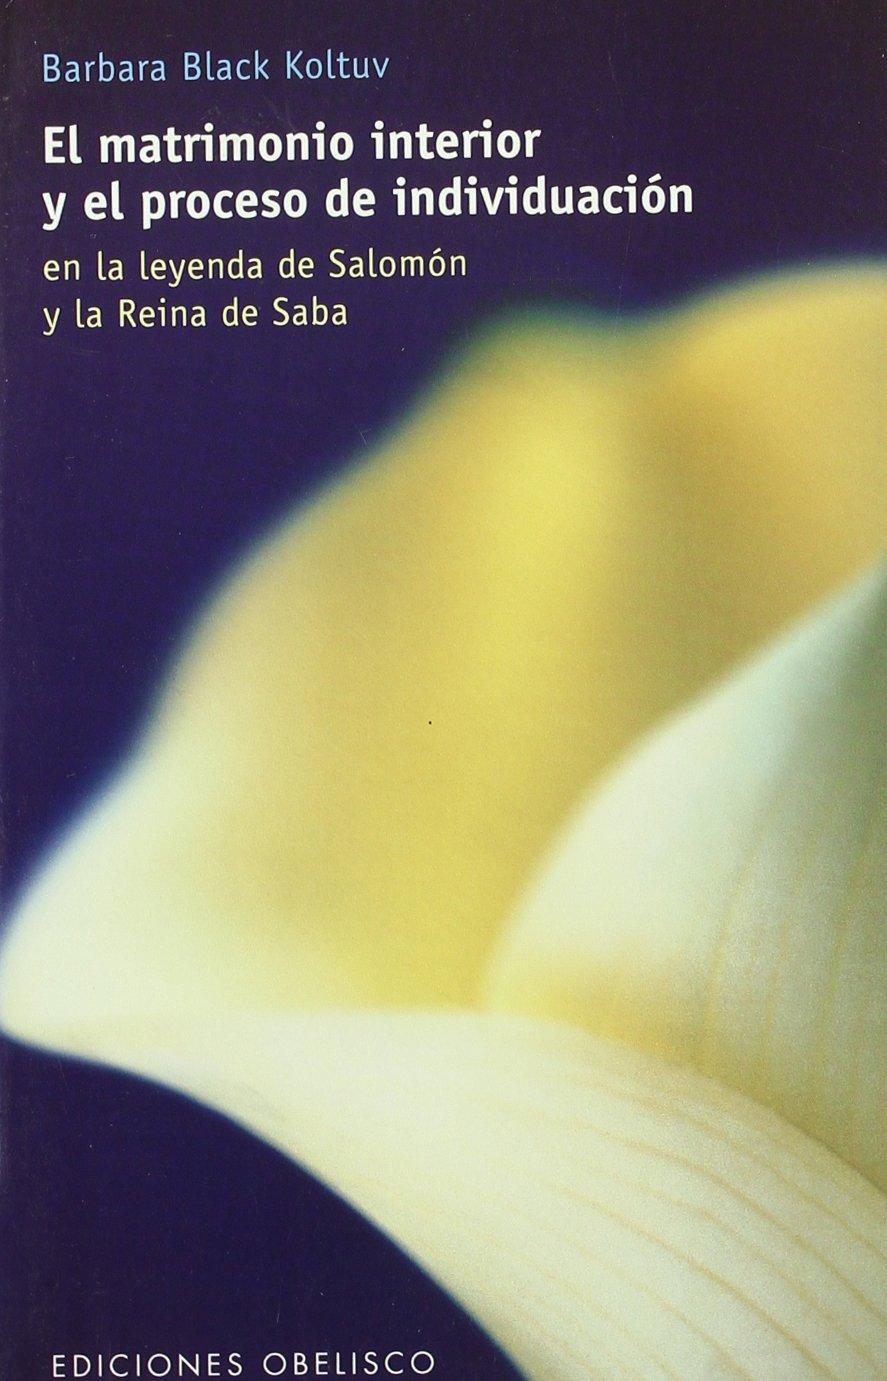 Download El Matrimonio Interior Y El Proceso De Individualizacion/Salomon & Sheba: Inner Marriage and Individuation (Spanish Edition) PDF